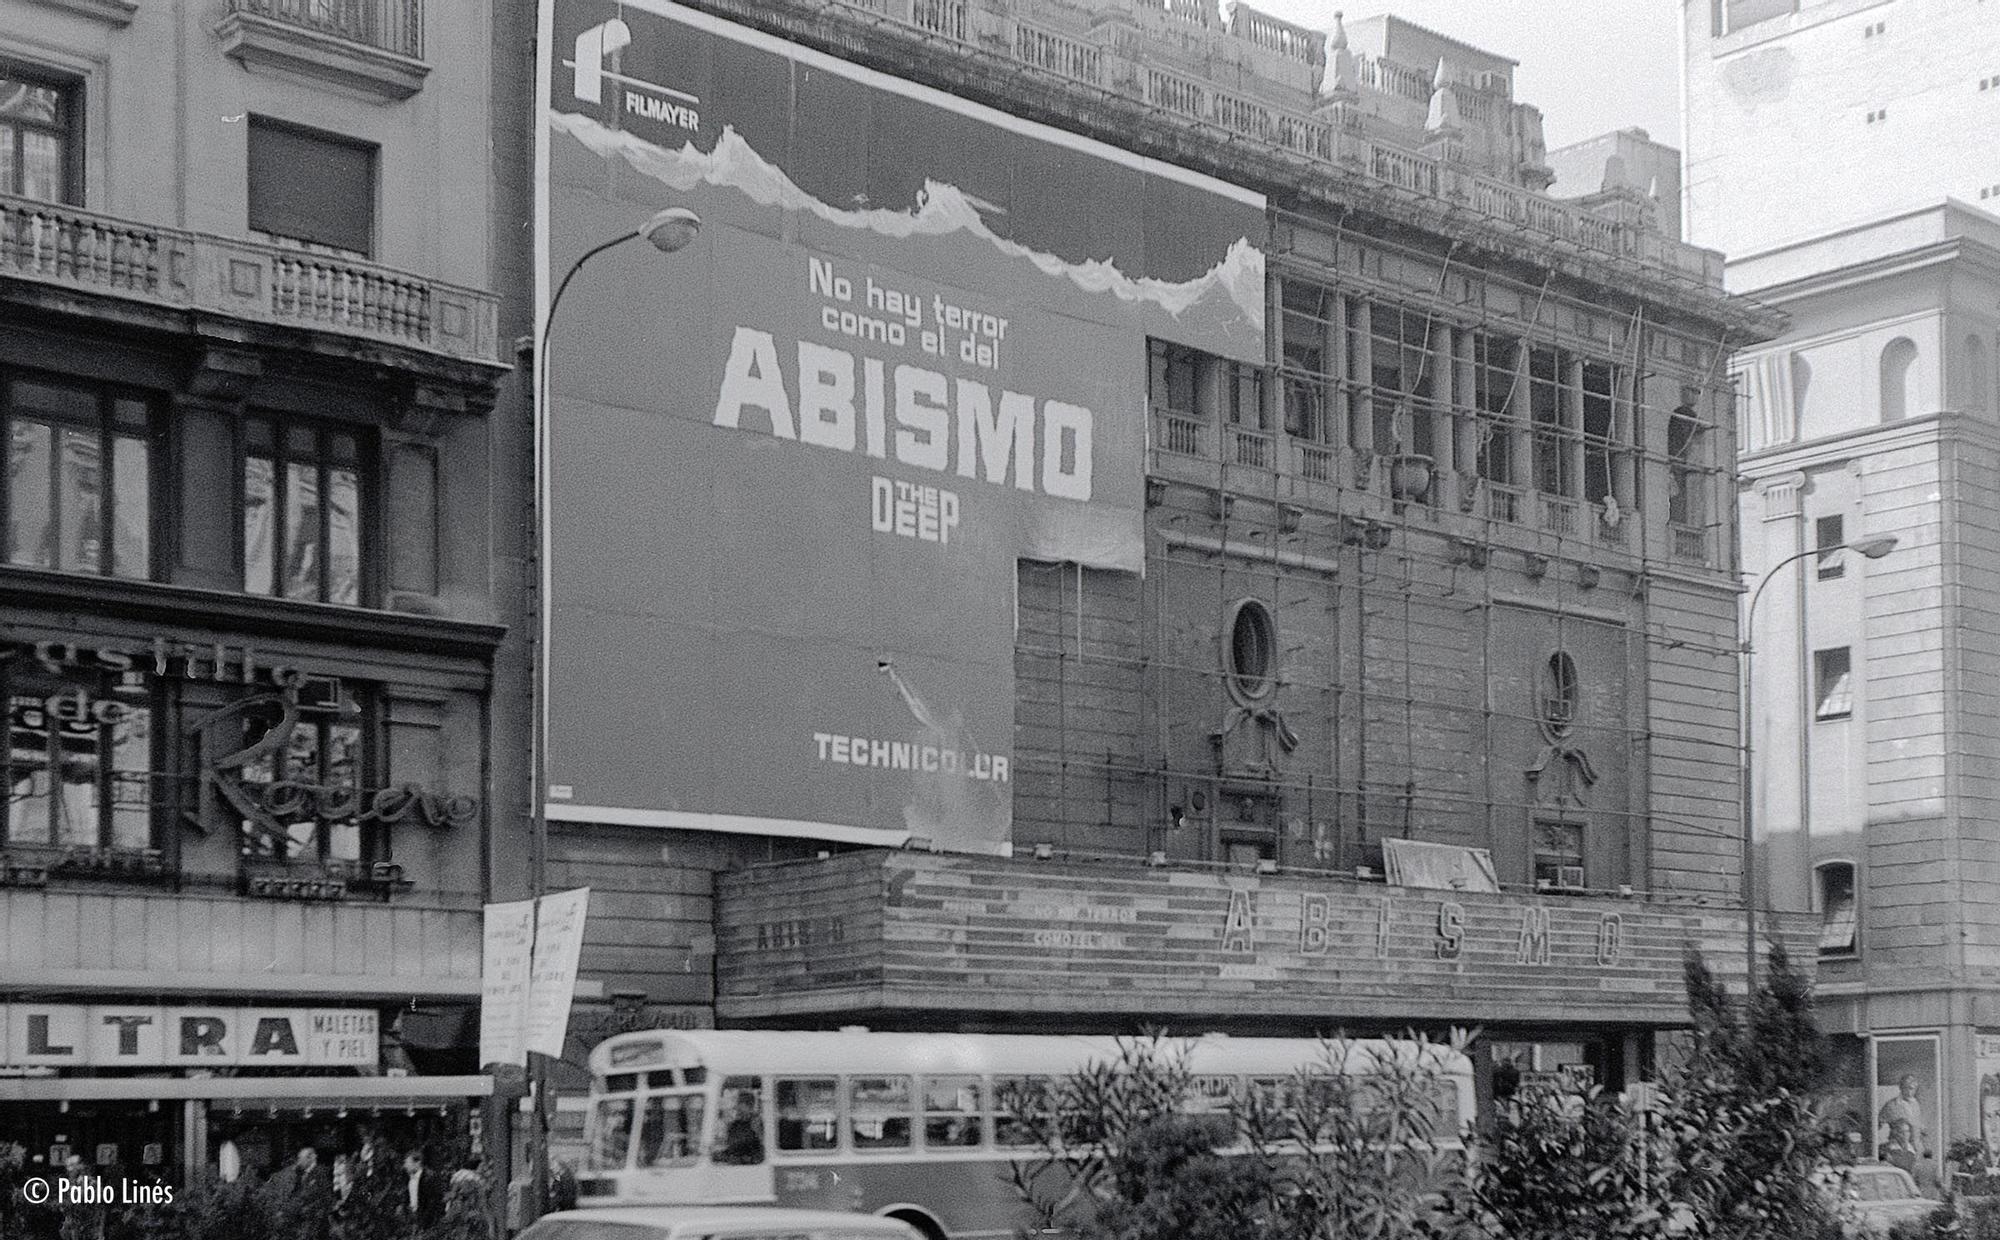 Vista de los cines en el Palacio de la Música | TIENES UN TESORO